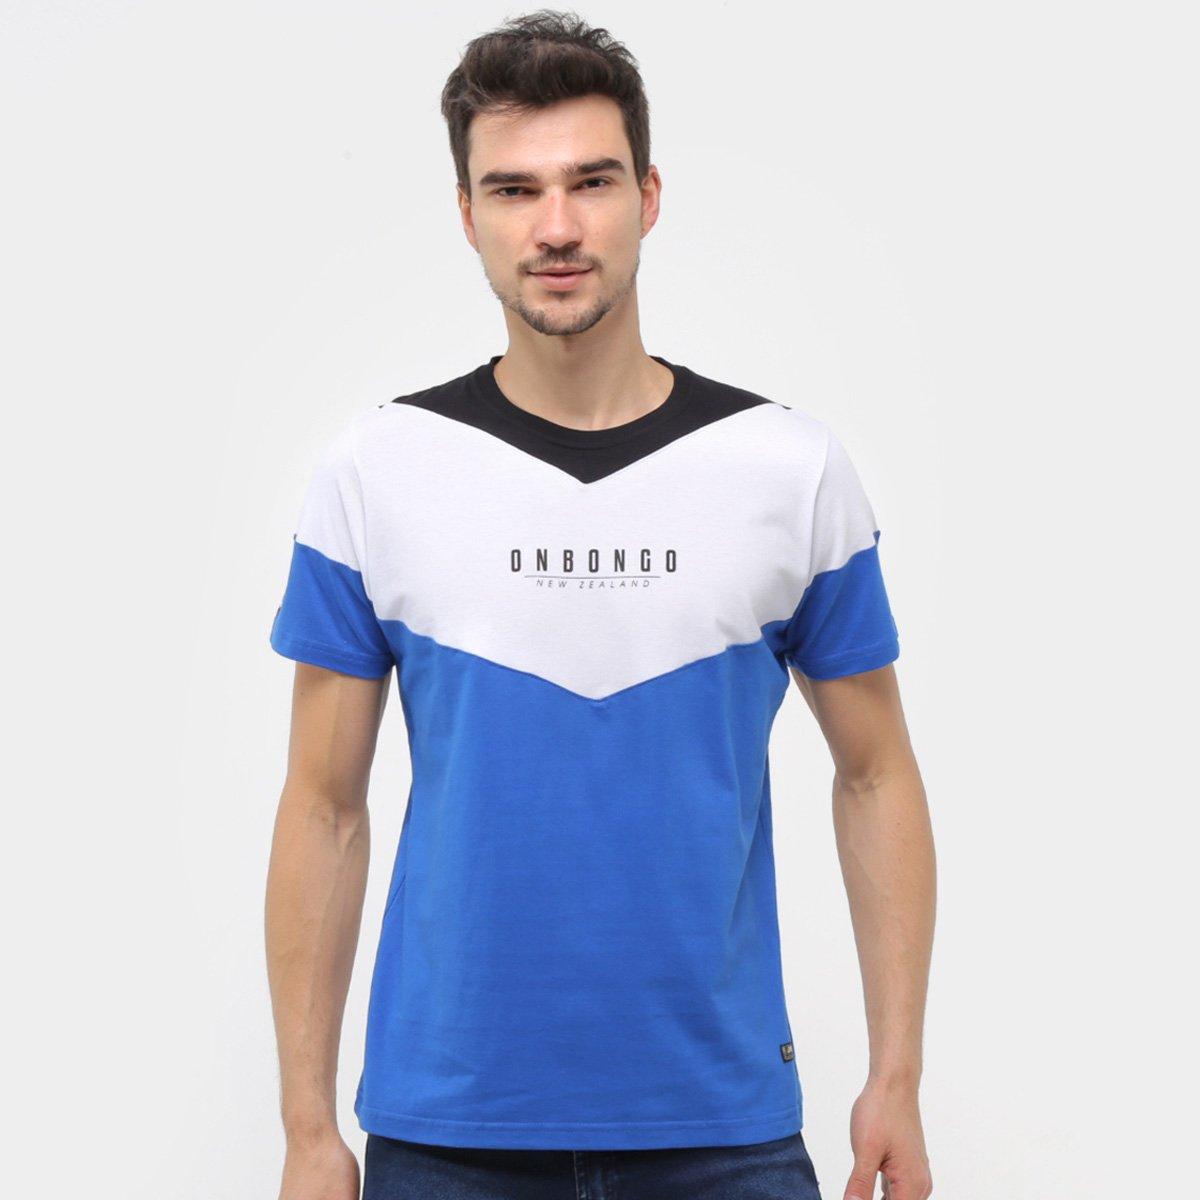 Camiseta Onbongo New Zealand Masculina